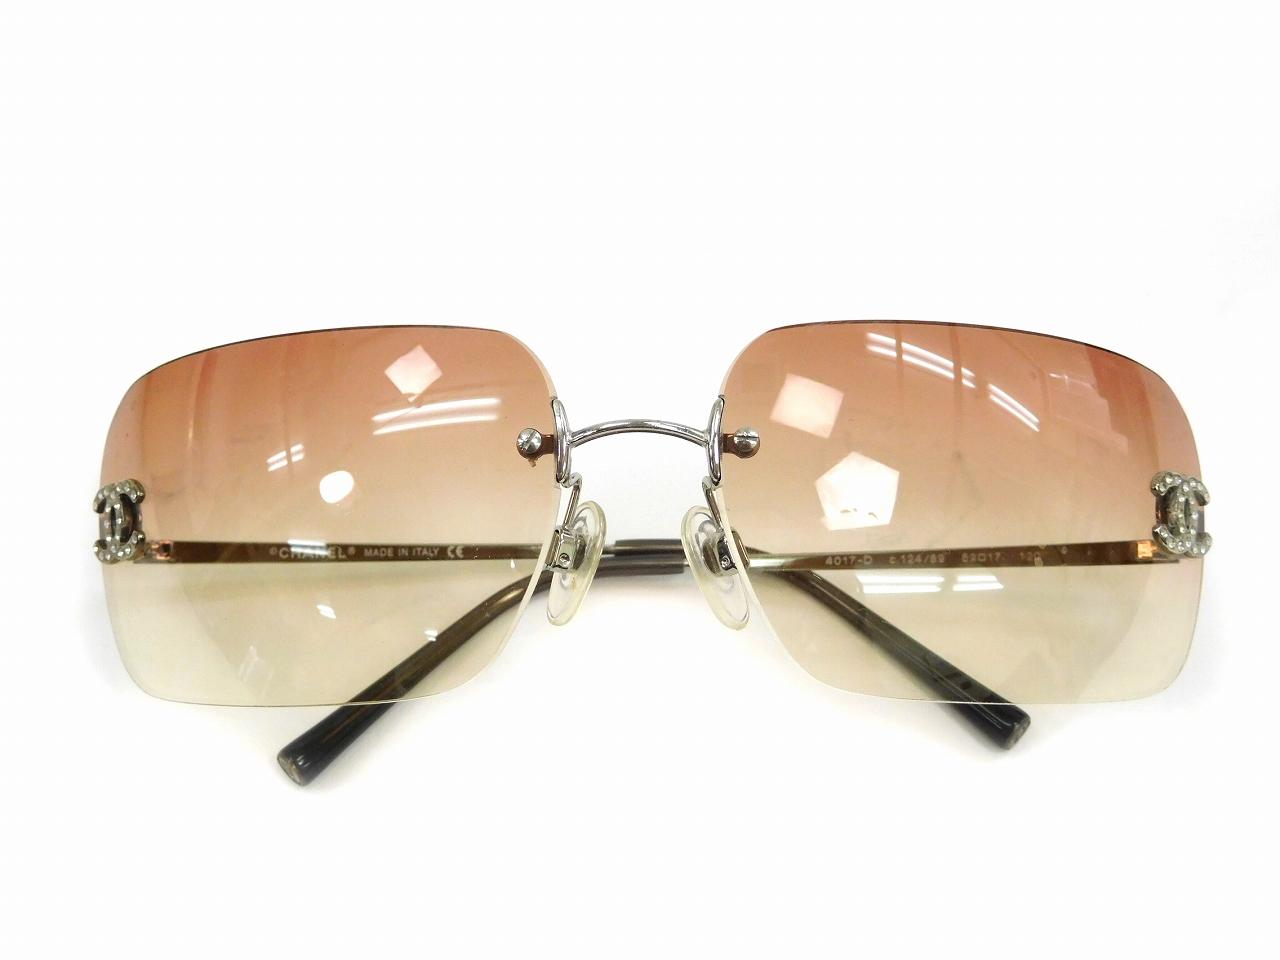 4bd9da39b0 Coco Chanel Sunglasses Prices